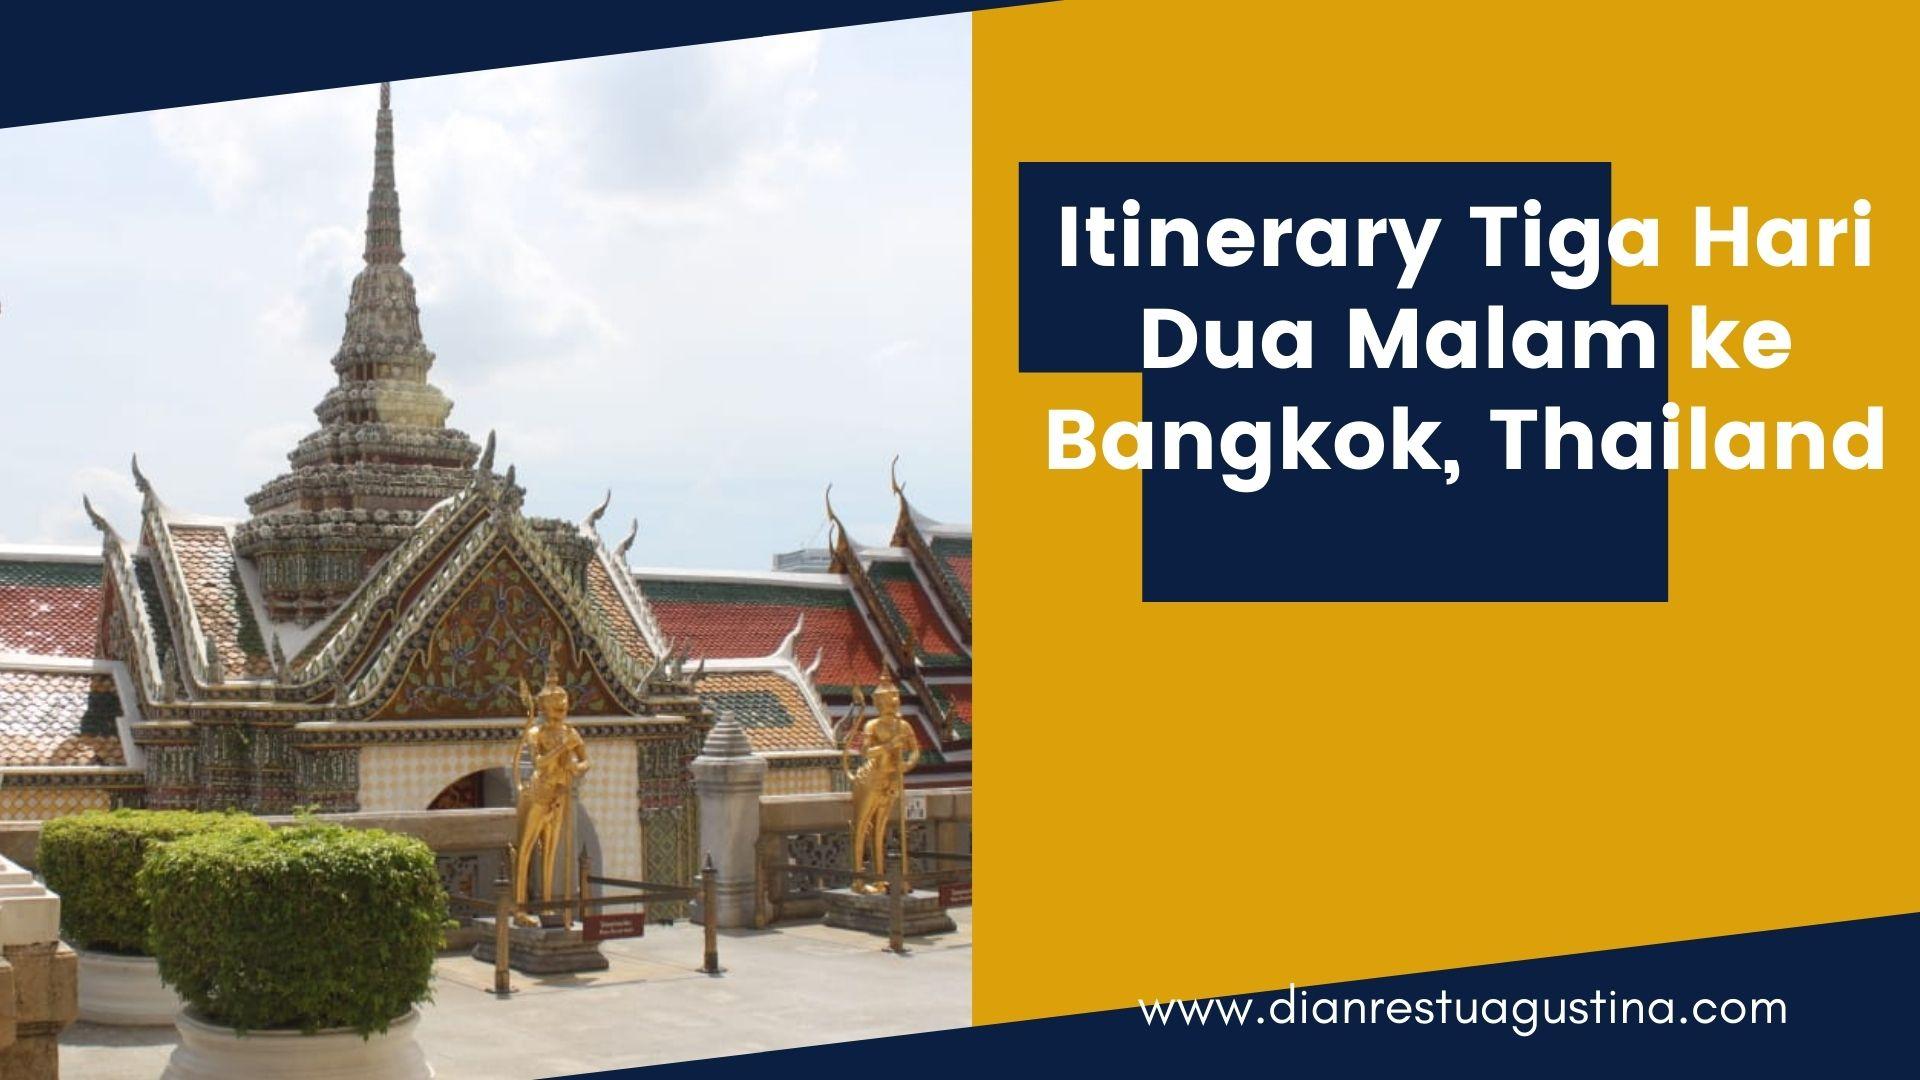 Itinerary Tiga Hari Dua Malam ke Bangkok